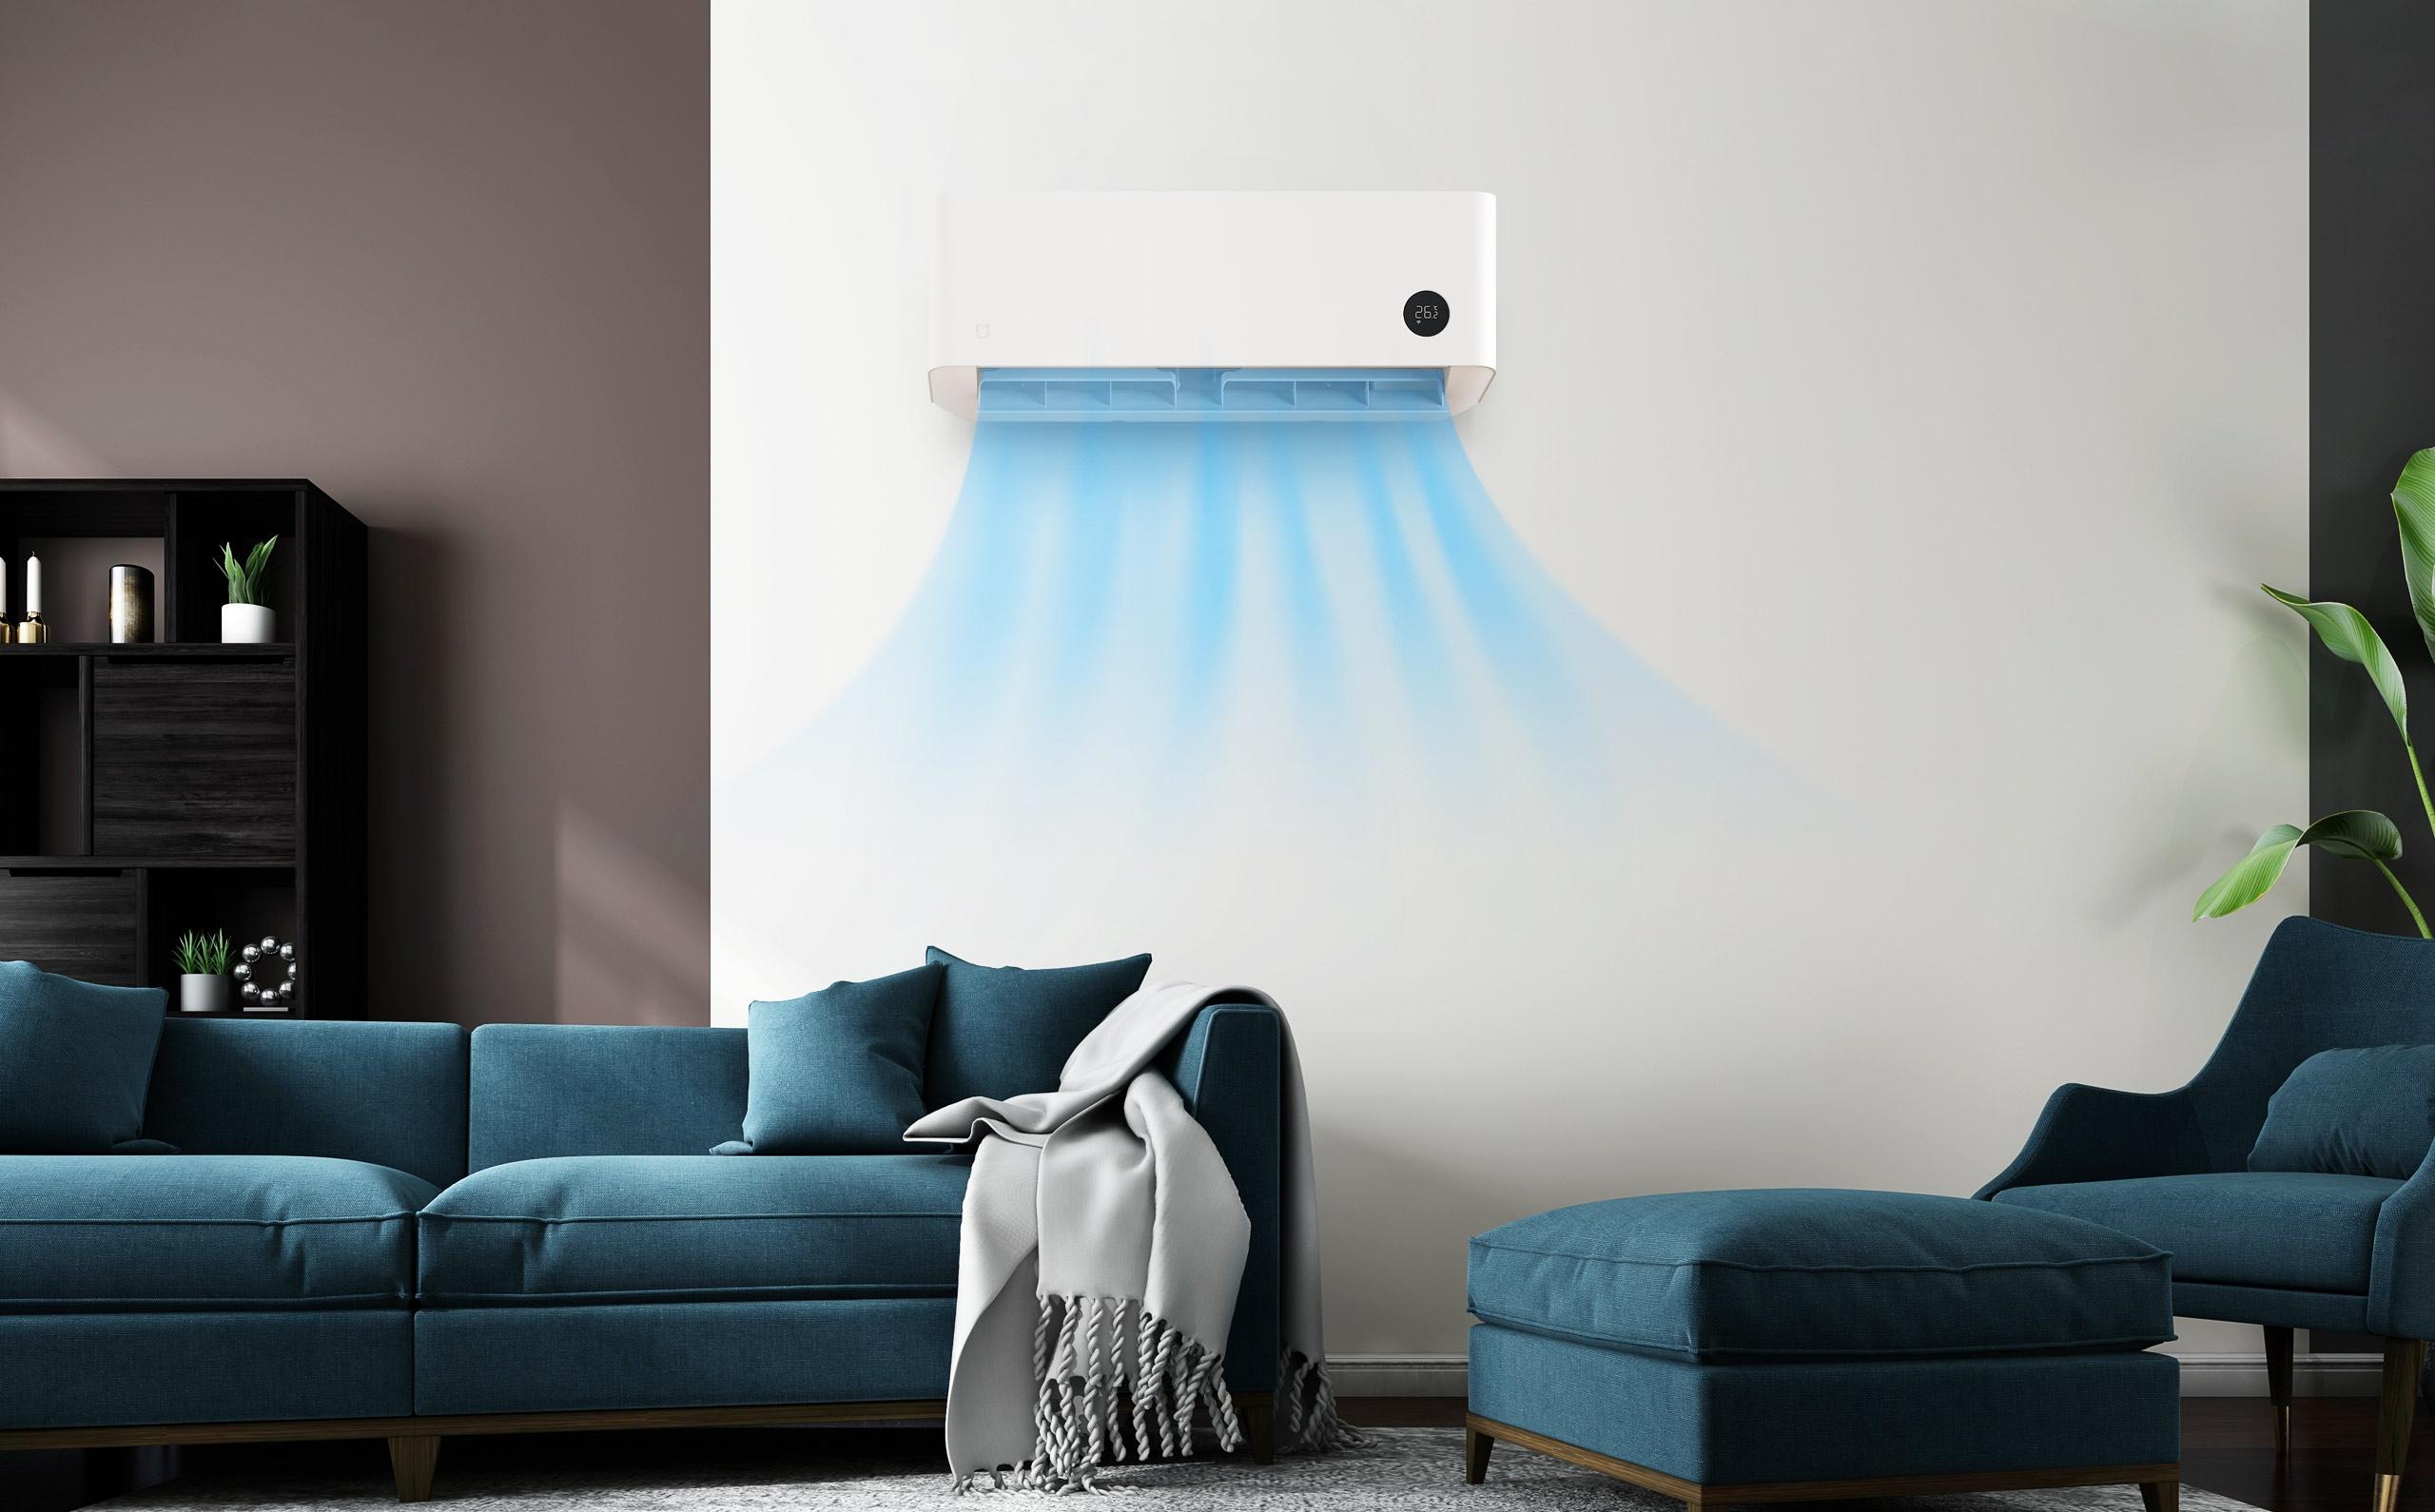 Diseño con el que cuenta el Mijia Smart Air Conditioner